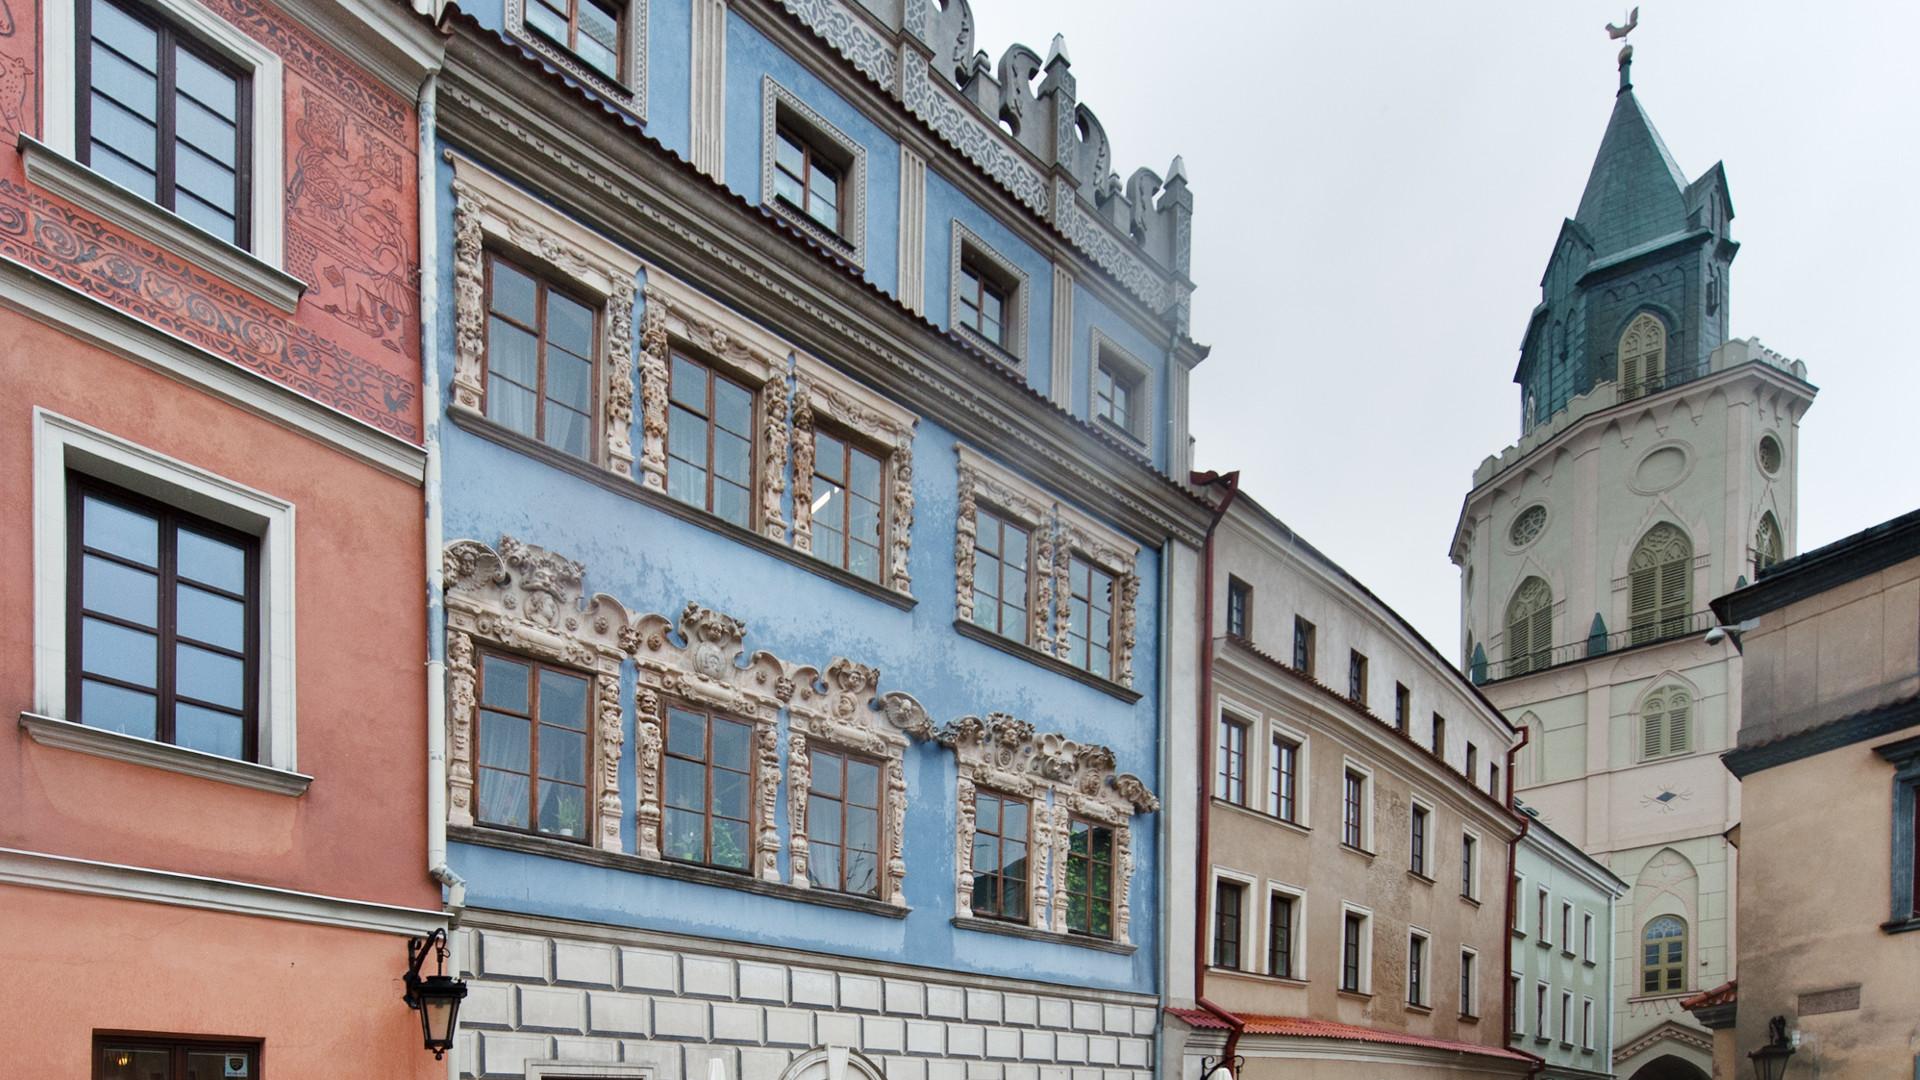 MAKABRYCZNE odkrycie w hostelu w Lublinie – matka udusiła 10-letniego syna? Co się działo przed tragedią?